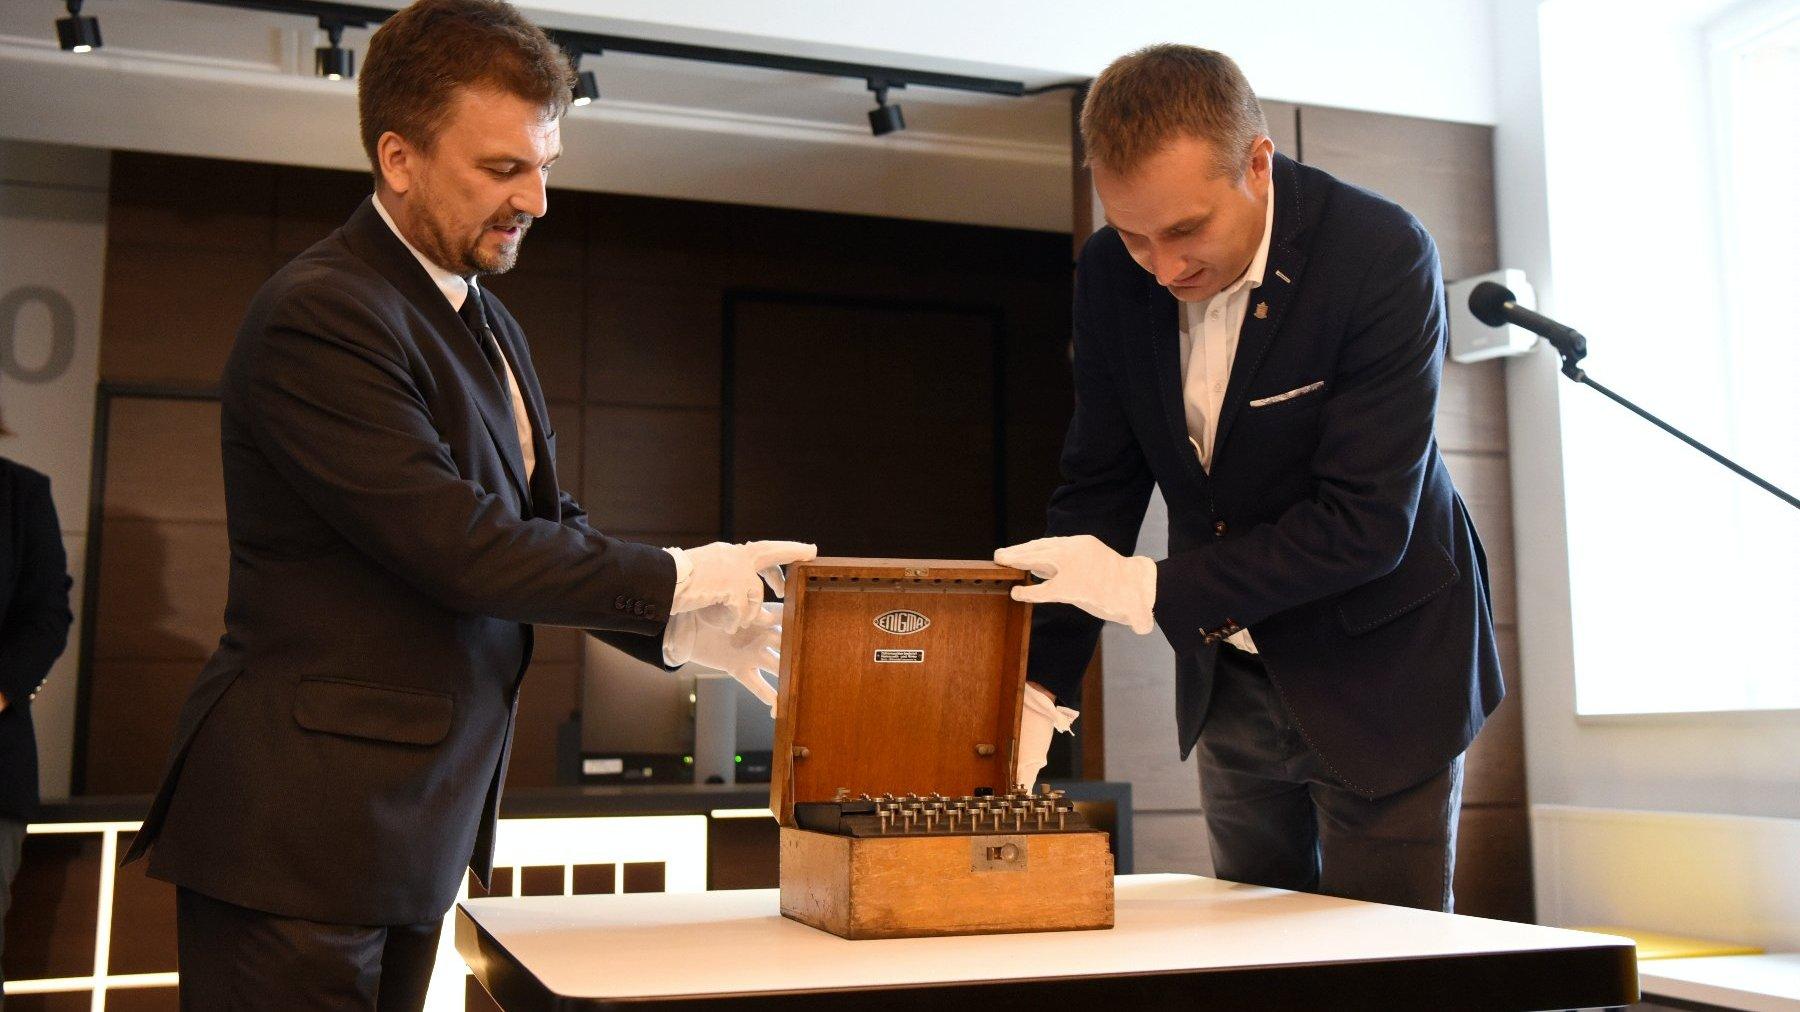 Na zdjęciu Mariusz Wiśniewski, zastępca prezydenta Poznania oraz Aleksander Ostasz, dyrektor Muzeum Oręża Polskiego w Kołobrzegu. - grafika artykułu